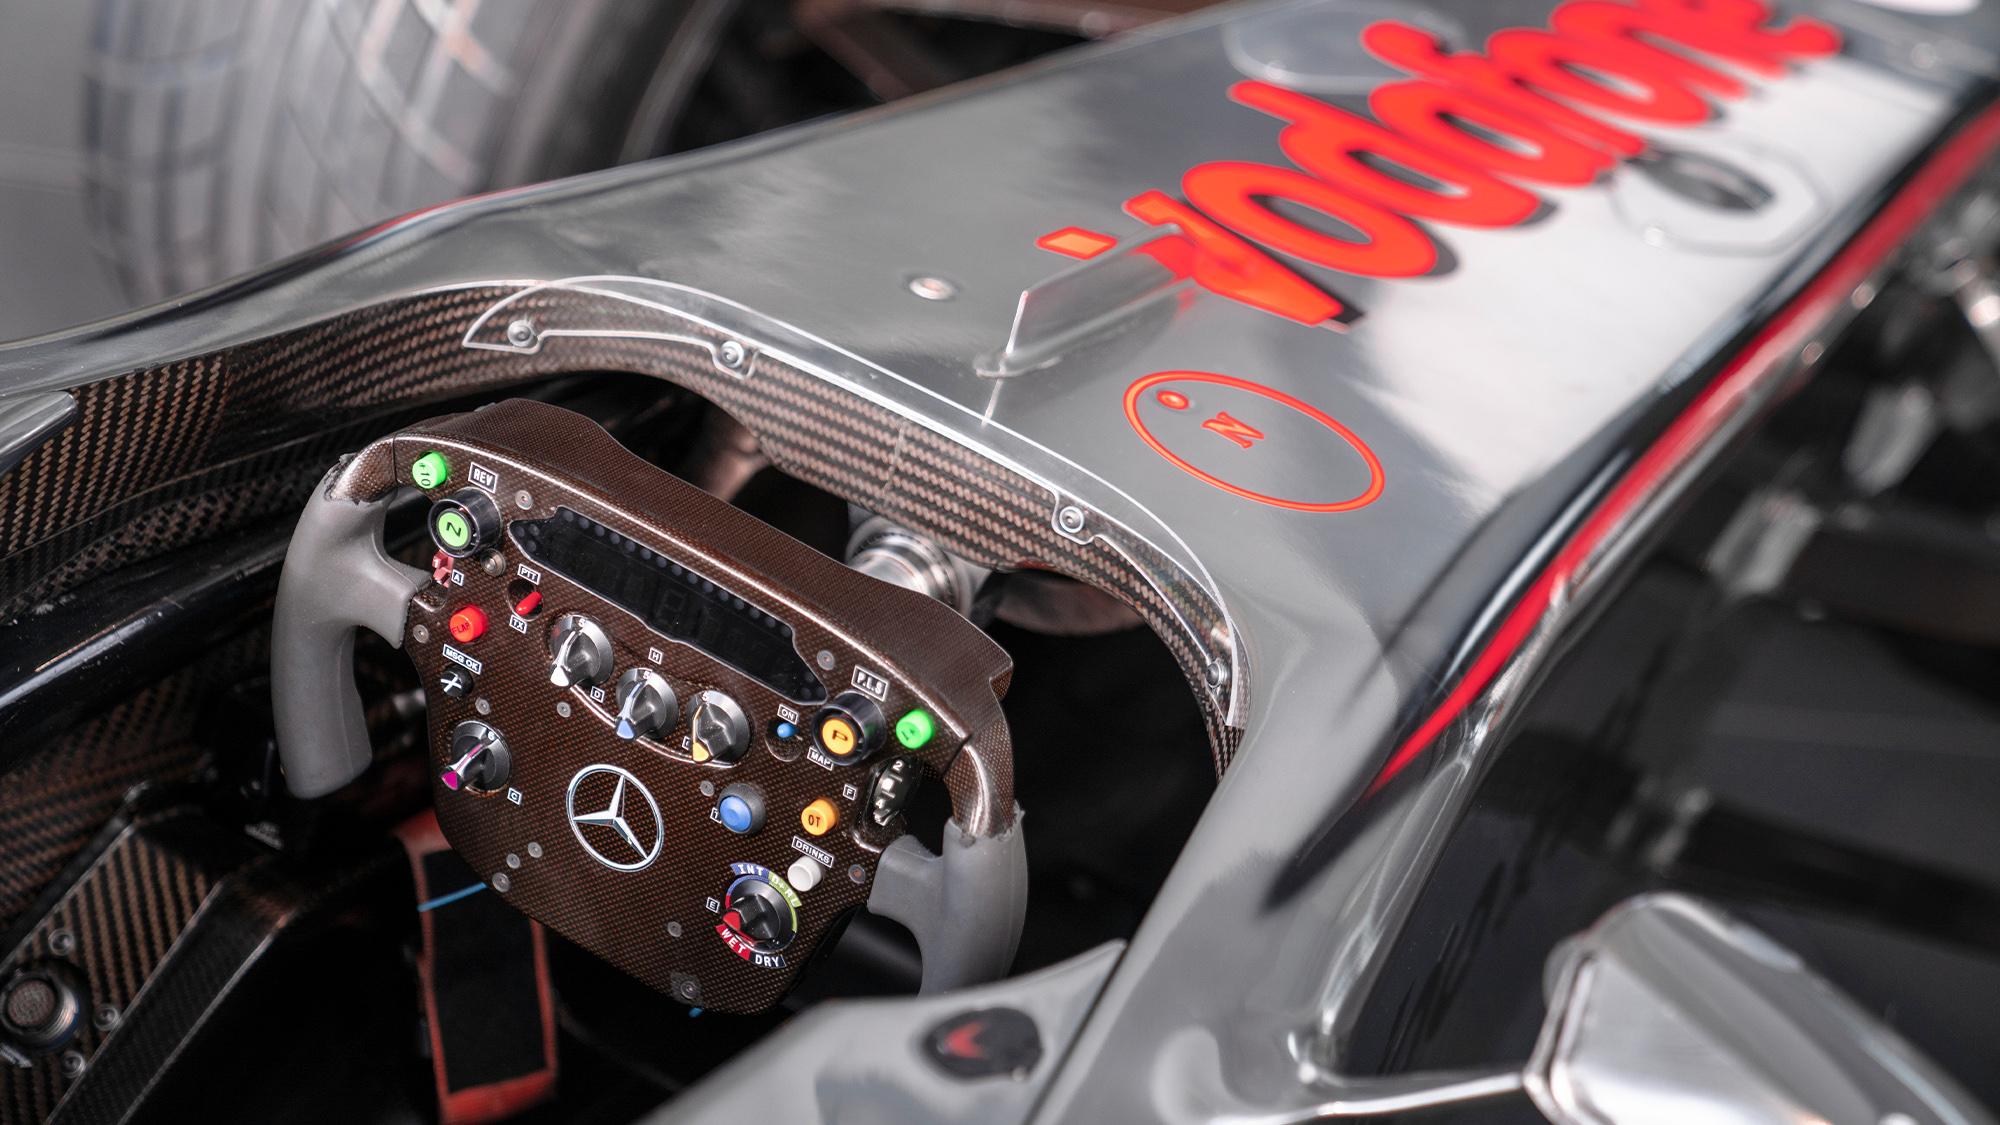 Lewis Hamilton McLaren MP4-25 for auction - cockpit